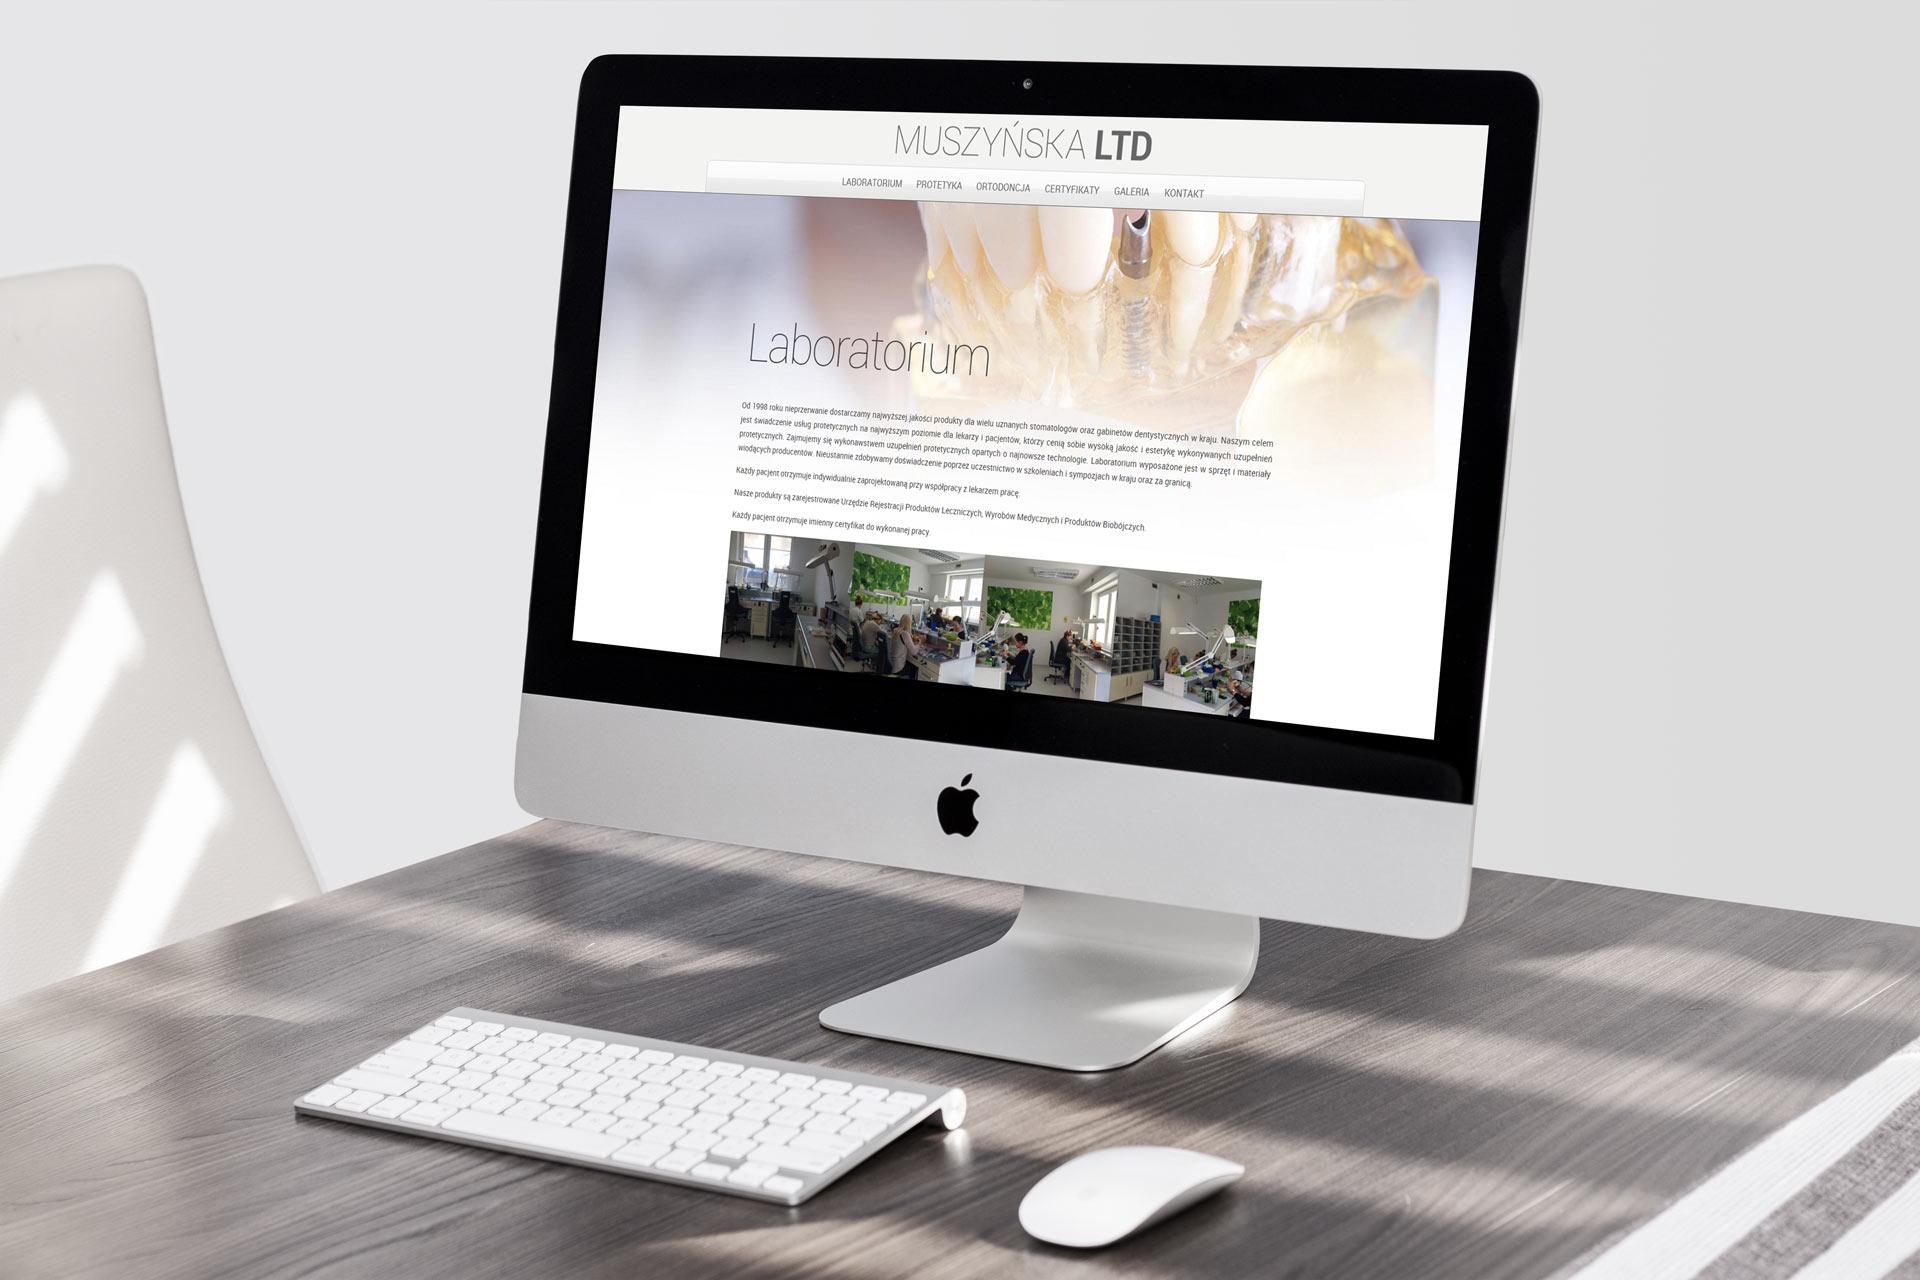 Webdesign i programowanie strony internetowej muszynskaltd.pl